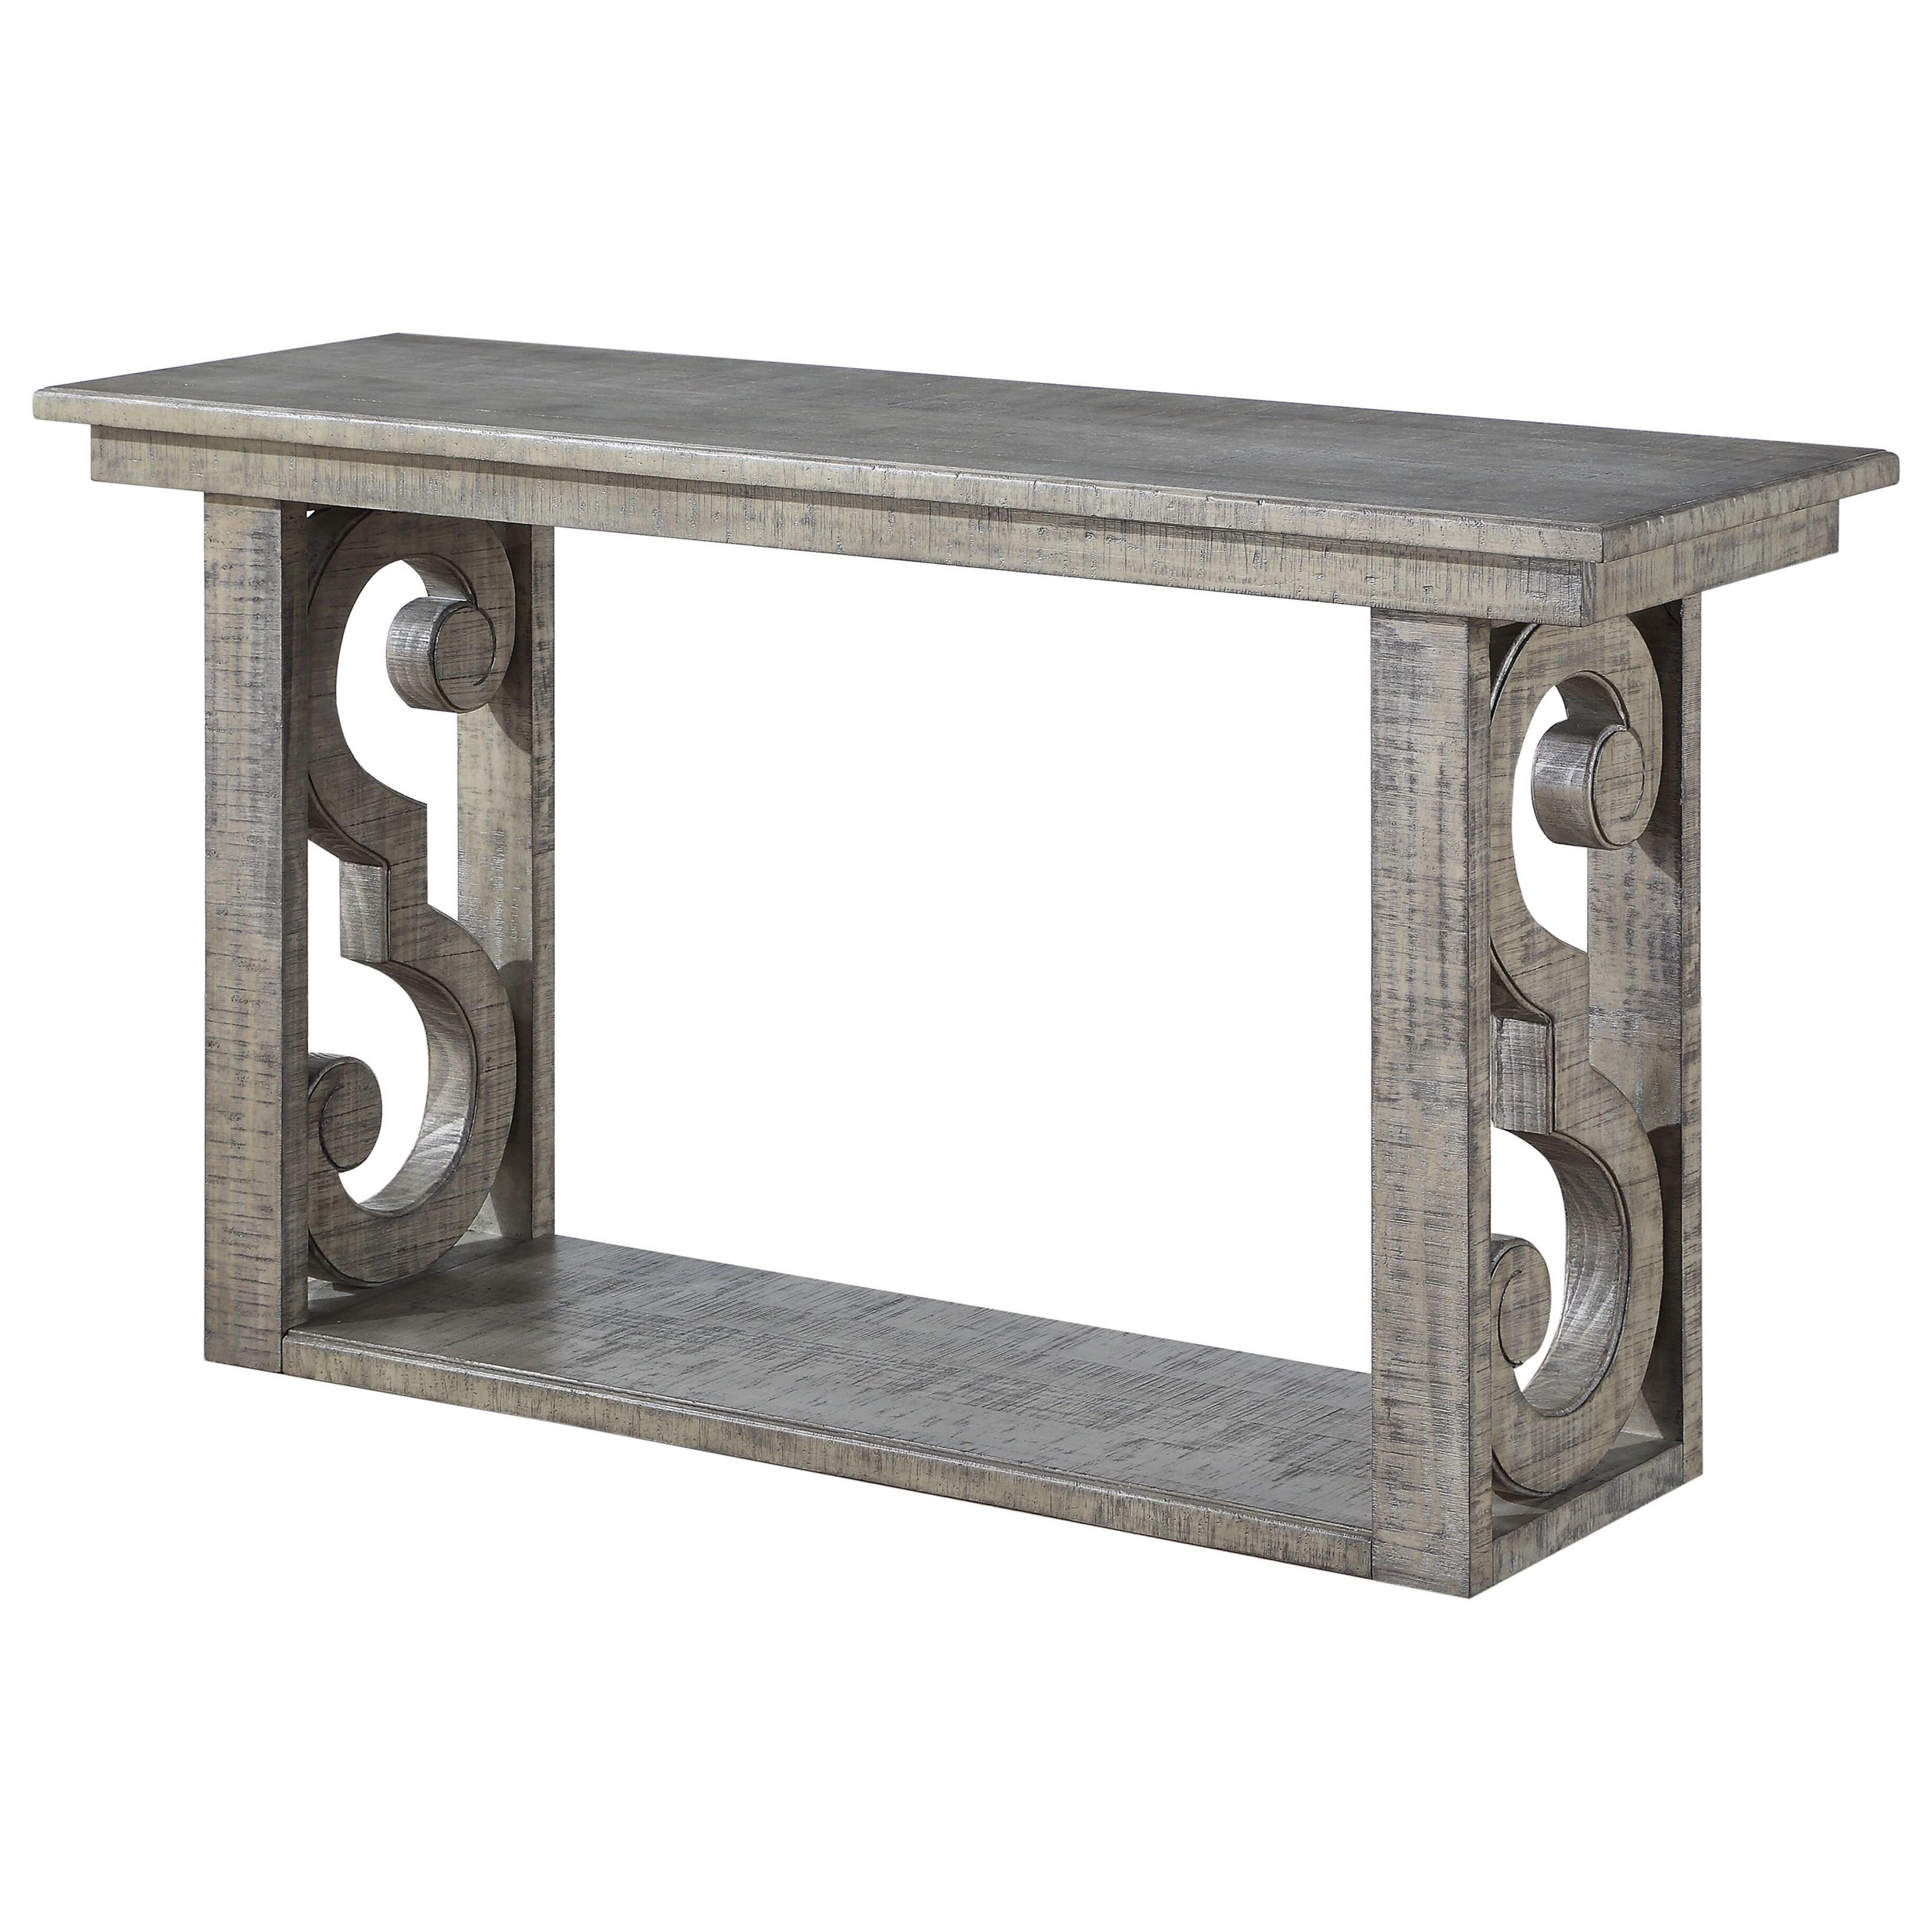 Artesia Sofa Table by Acme Furniture at Carolina Direct